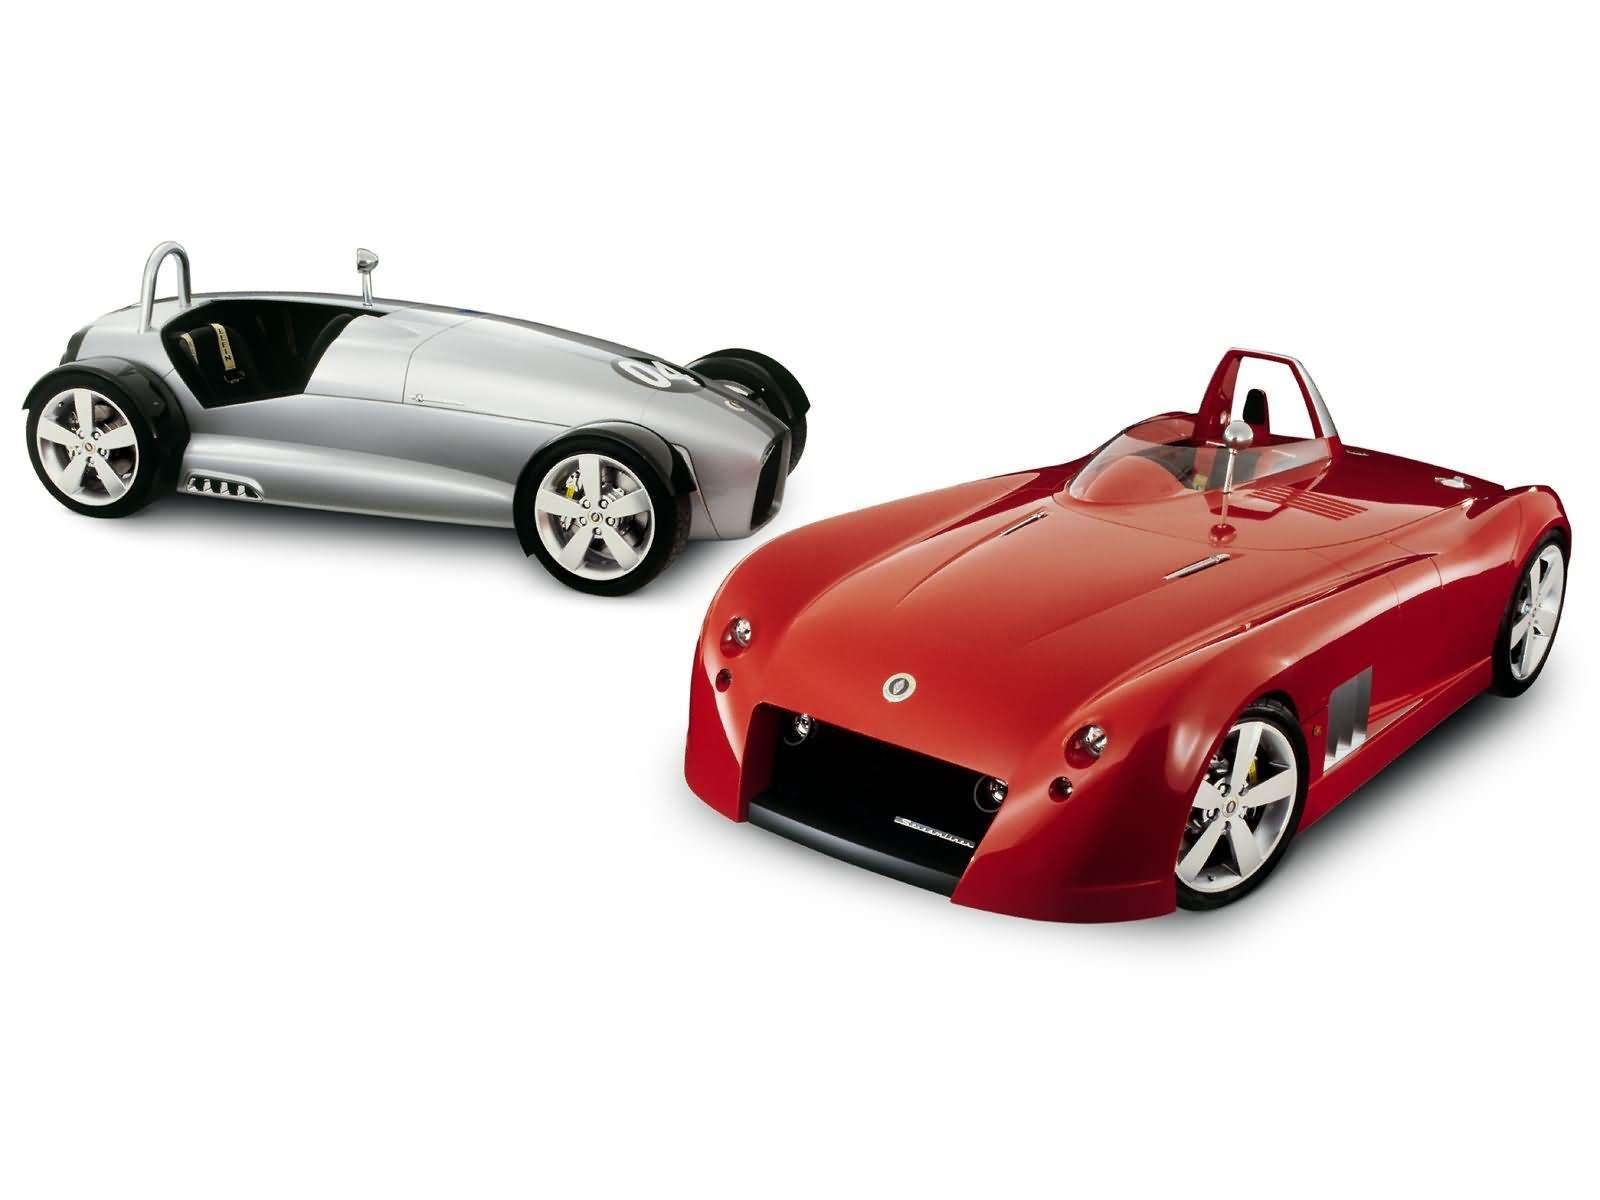 Hình ảnh xe ô tô Elfin Clubman MS8 2004 & nội ngoại thất